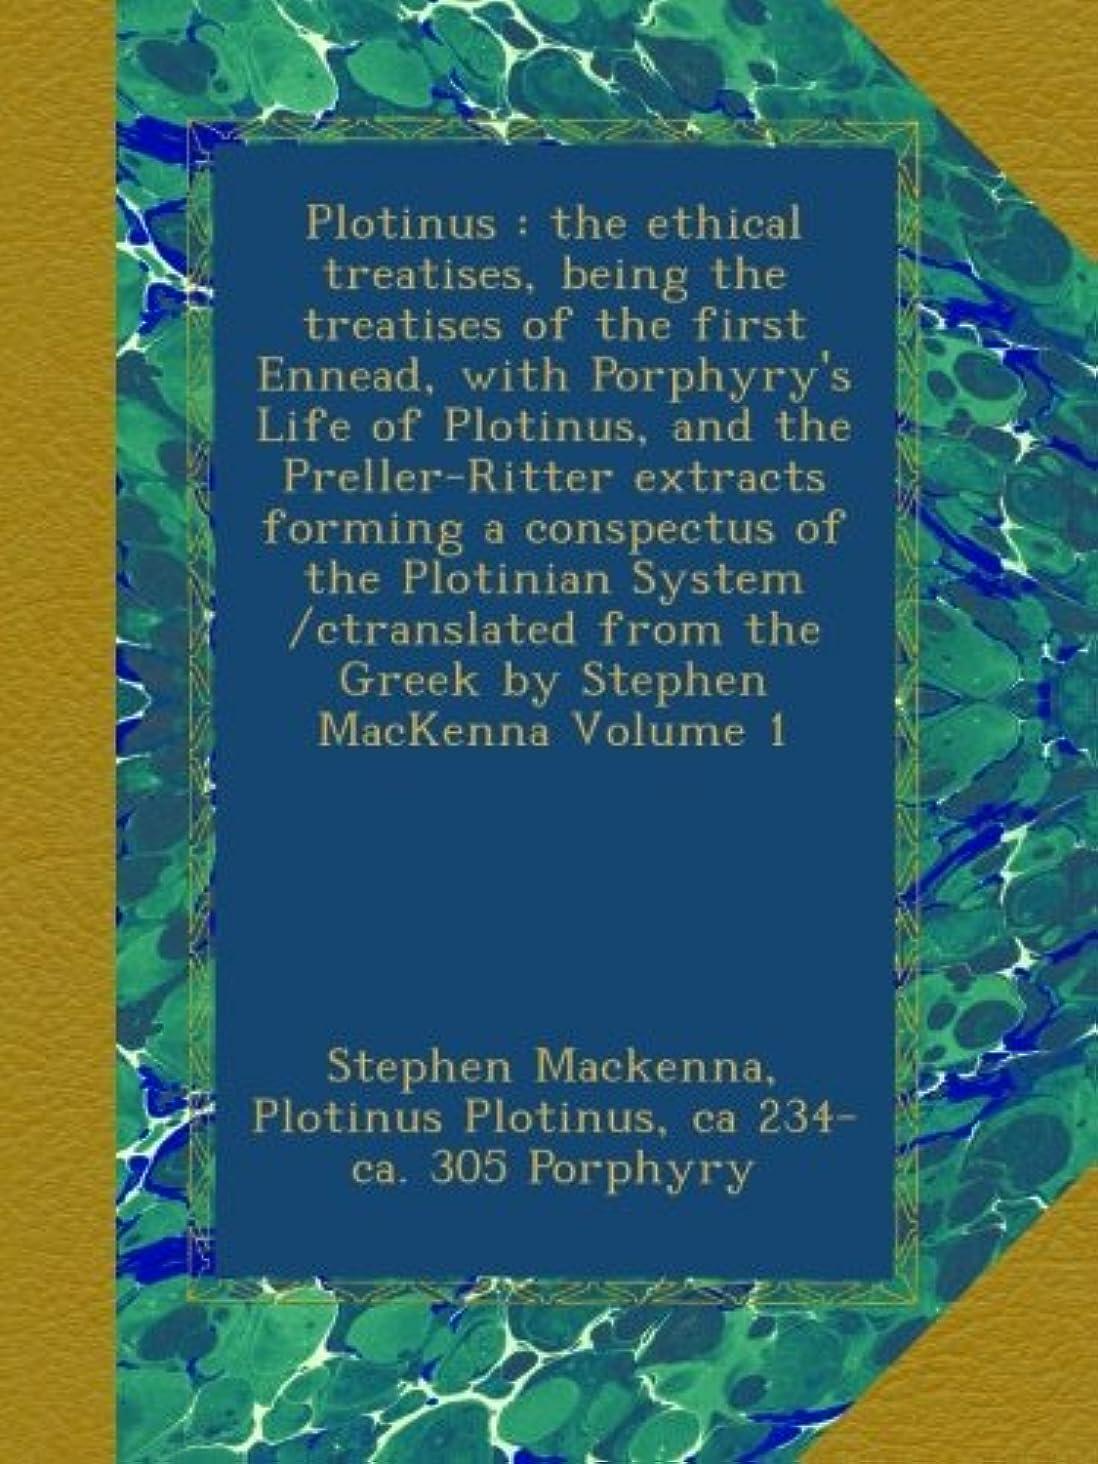 更新する解釈的剥ぎ取るPlotinus : the ethical treatises, being the treatises of the first Ennead, with Porphyry's Life of Plotinus, and the Preller-Ritter extracts forming a conspectus of the Plotinian System /ctranslated from the Greek by Stephen MacKenna Volume 1